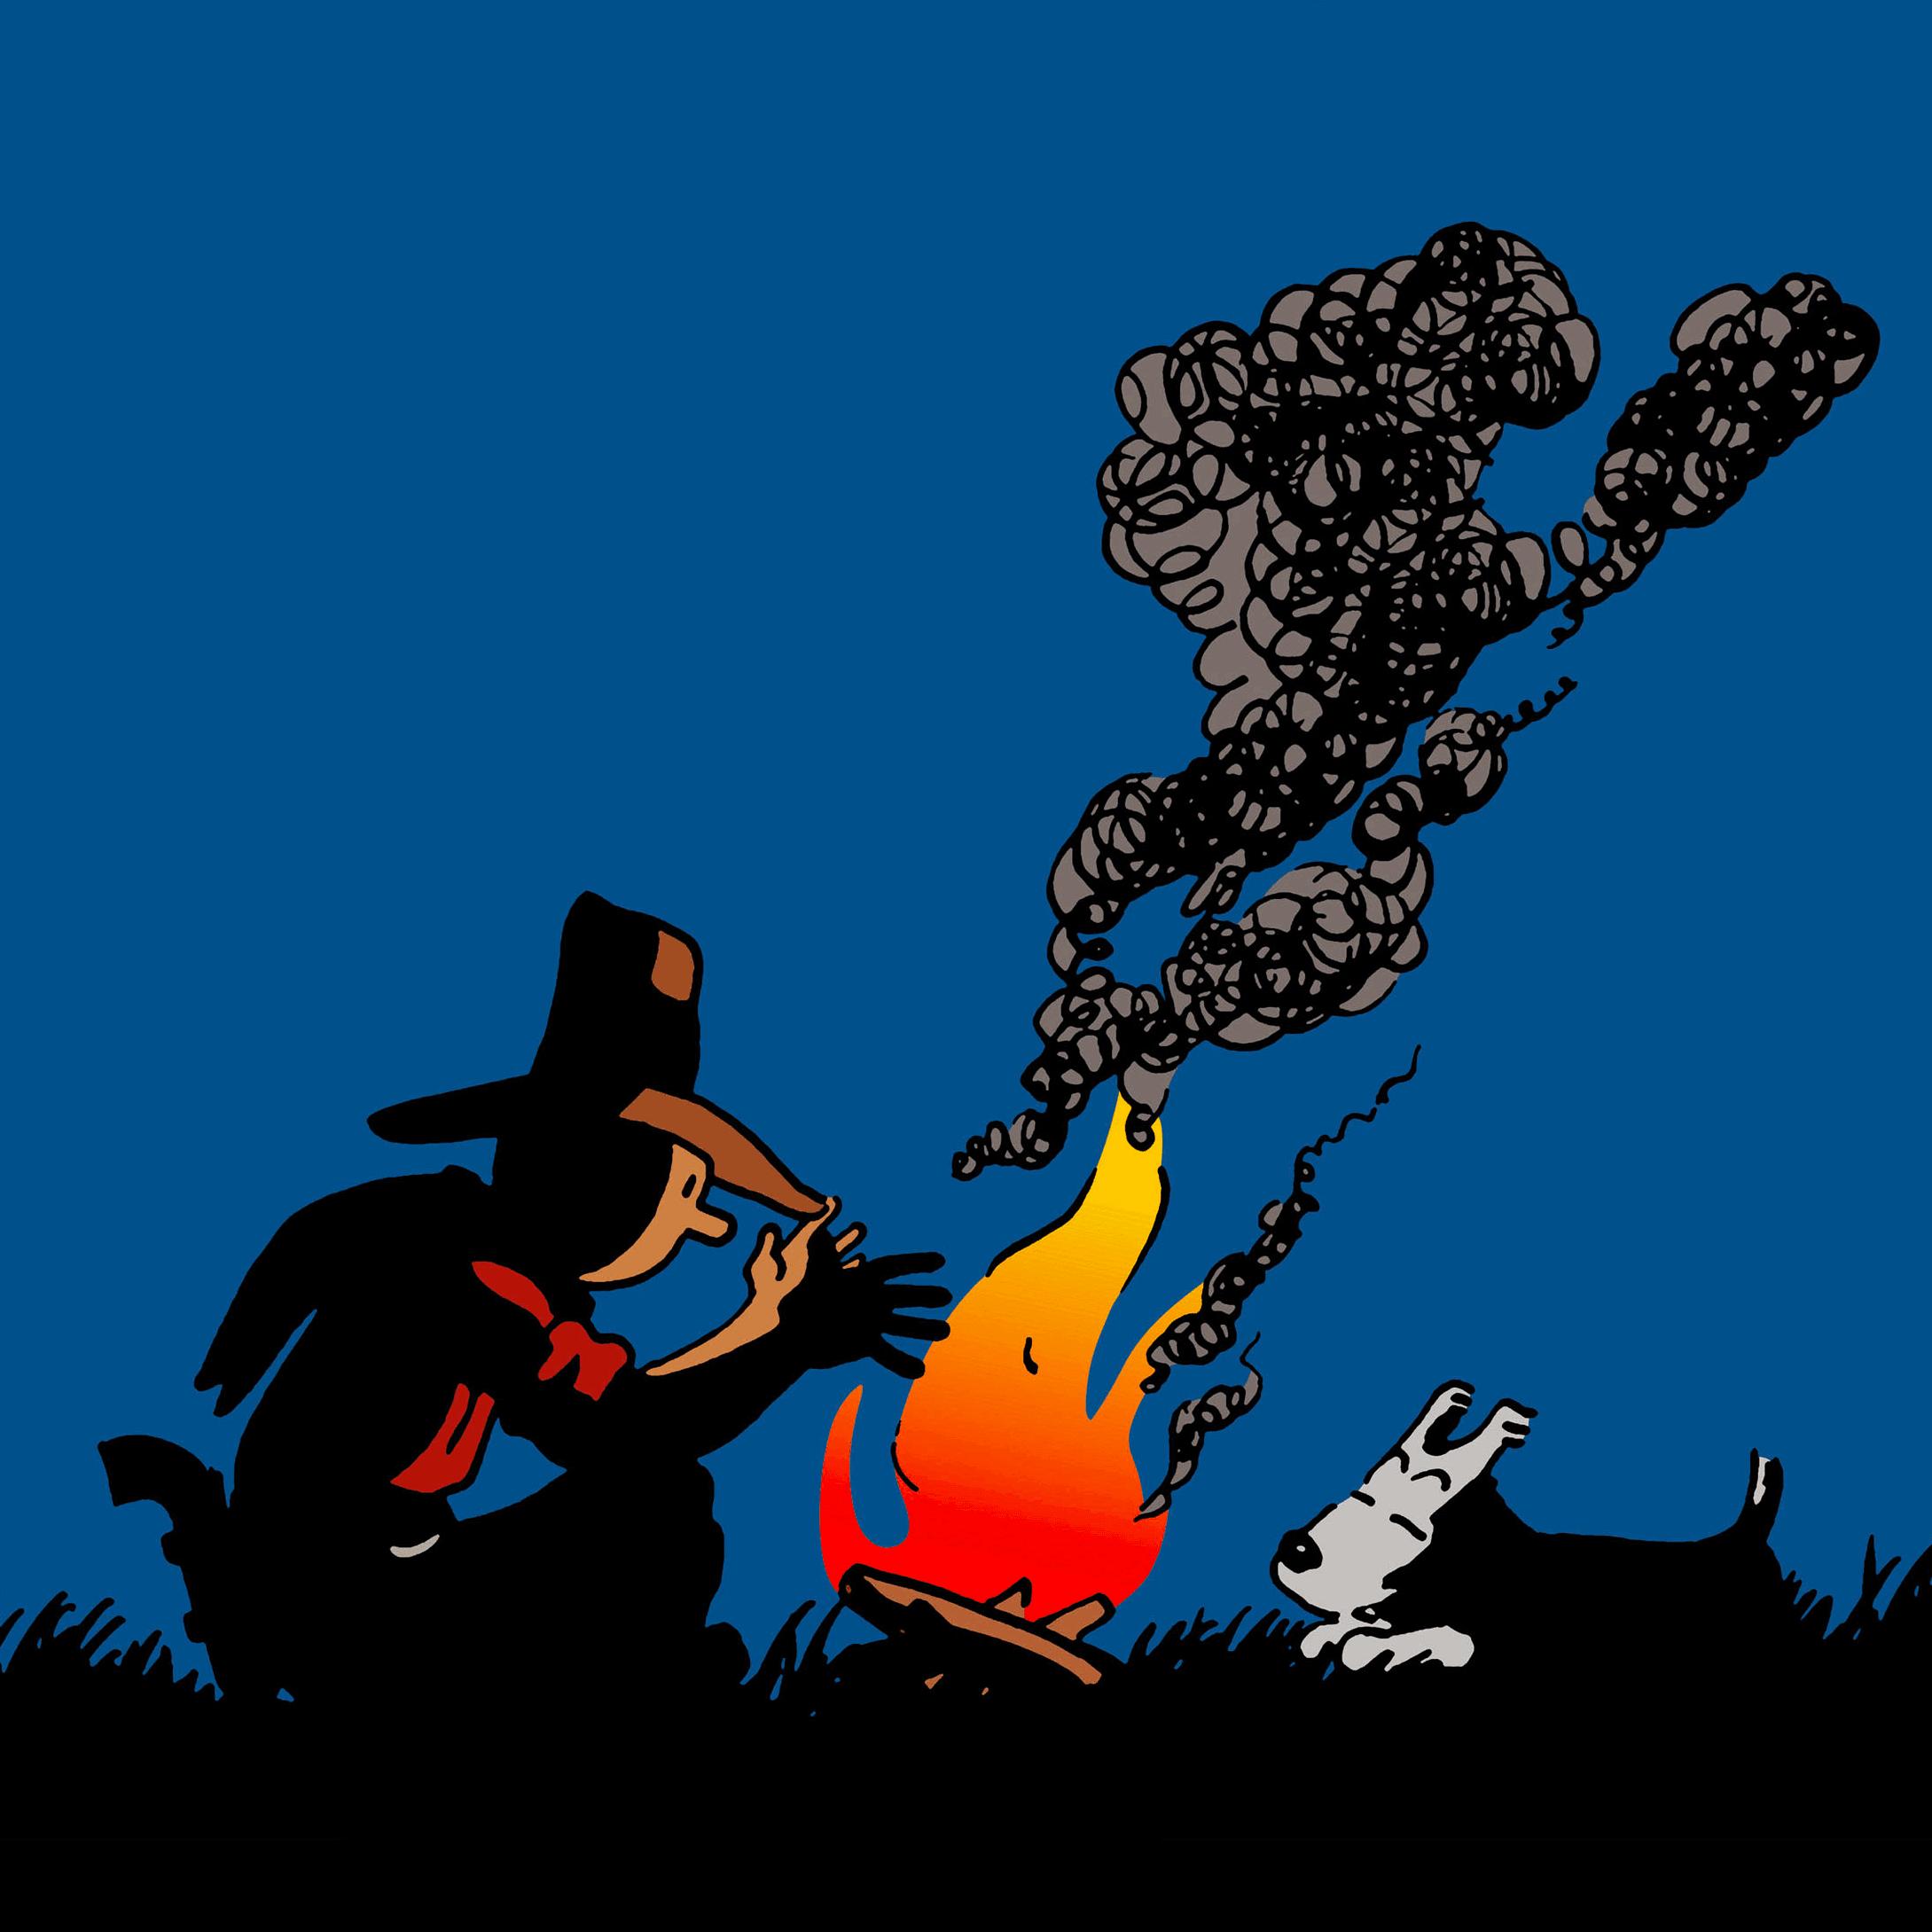 Tintin en Amérique colorisée - Tintin et Milou feu de bois